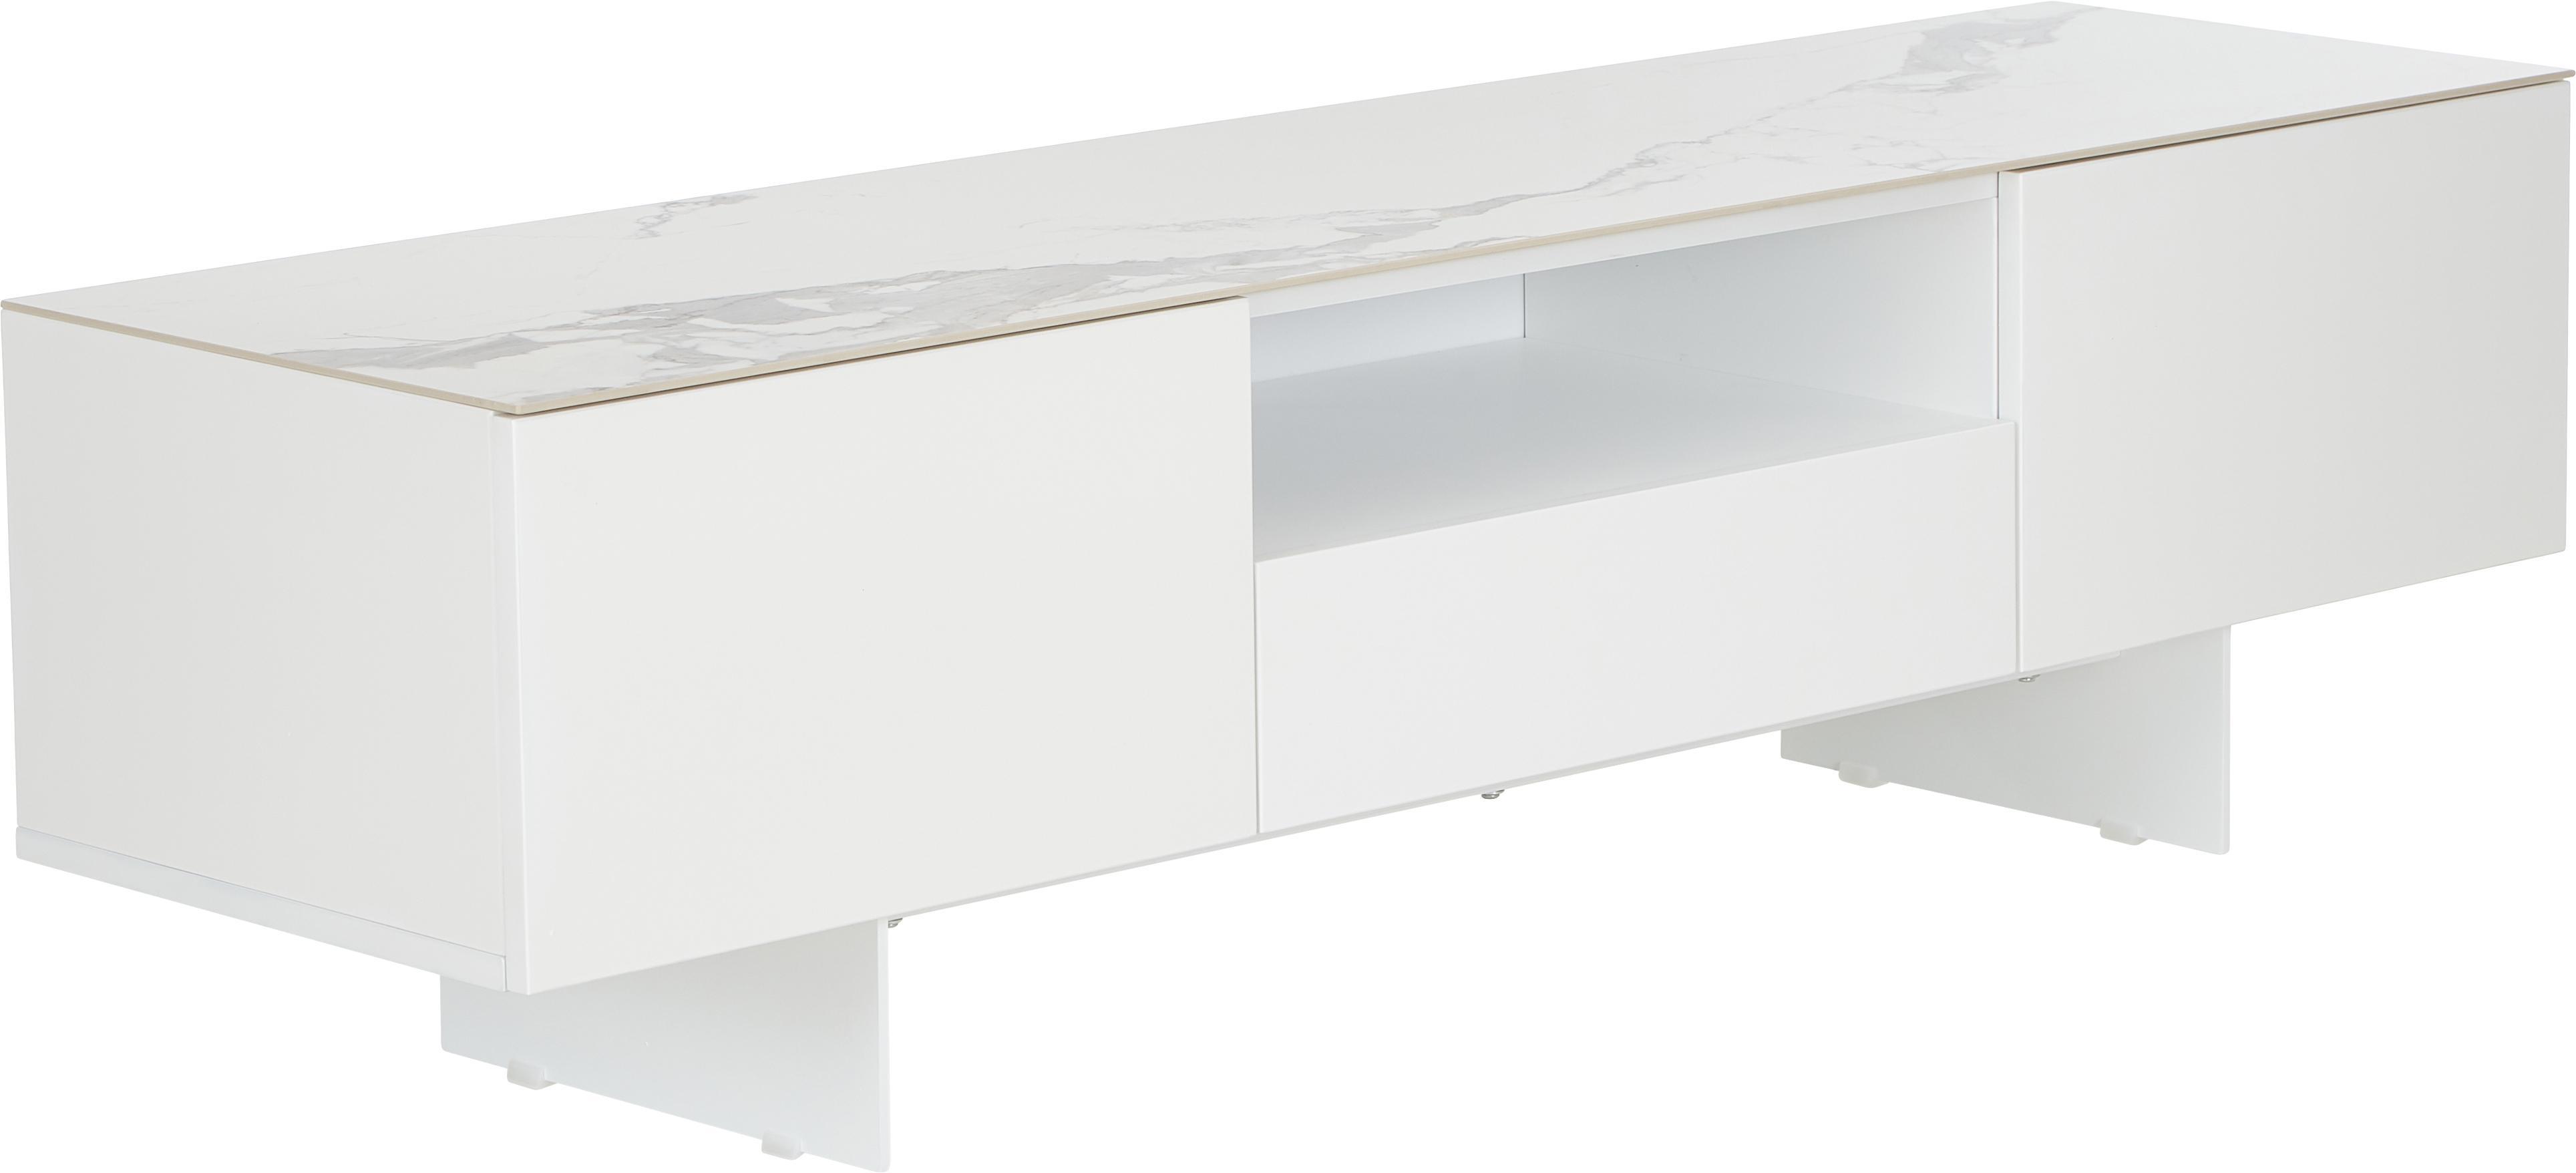 TV-Lowboard Fiona mit Oberfläche in Marmor-Optik, Korpus: Mitteldichte Holzfaserpla, Füße: Metall, pulverbeschichtet, Ablagefläche: Keramik, Korpus: Weiß, mattFüße: Weiß, mattAblagefläche: Weiß, marmoriert, 160 x 46 cm